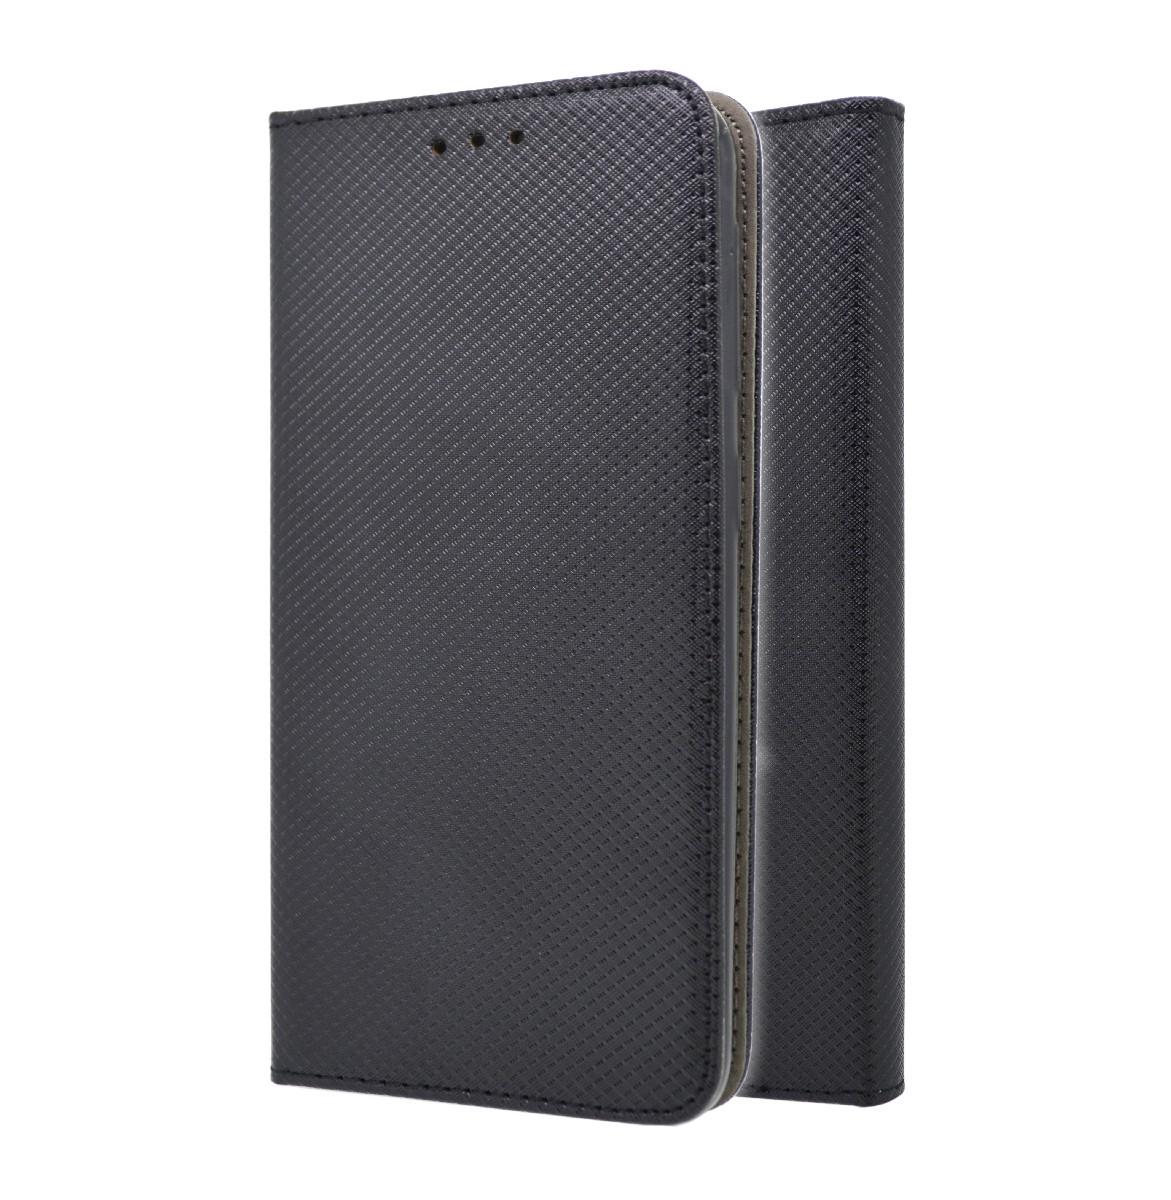 Θήκη Book Ancus Magnetic Glam για Samsung SM-A326B Galaxy A32 5G TPU Μαύρο